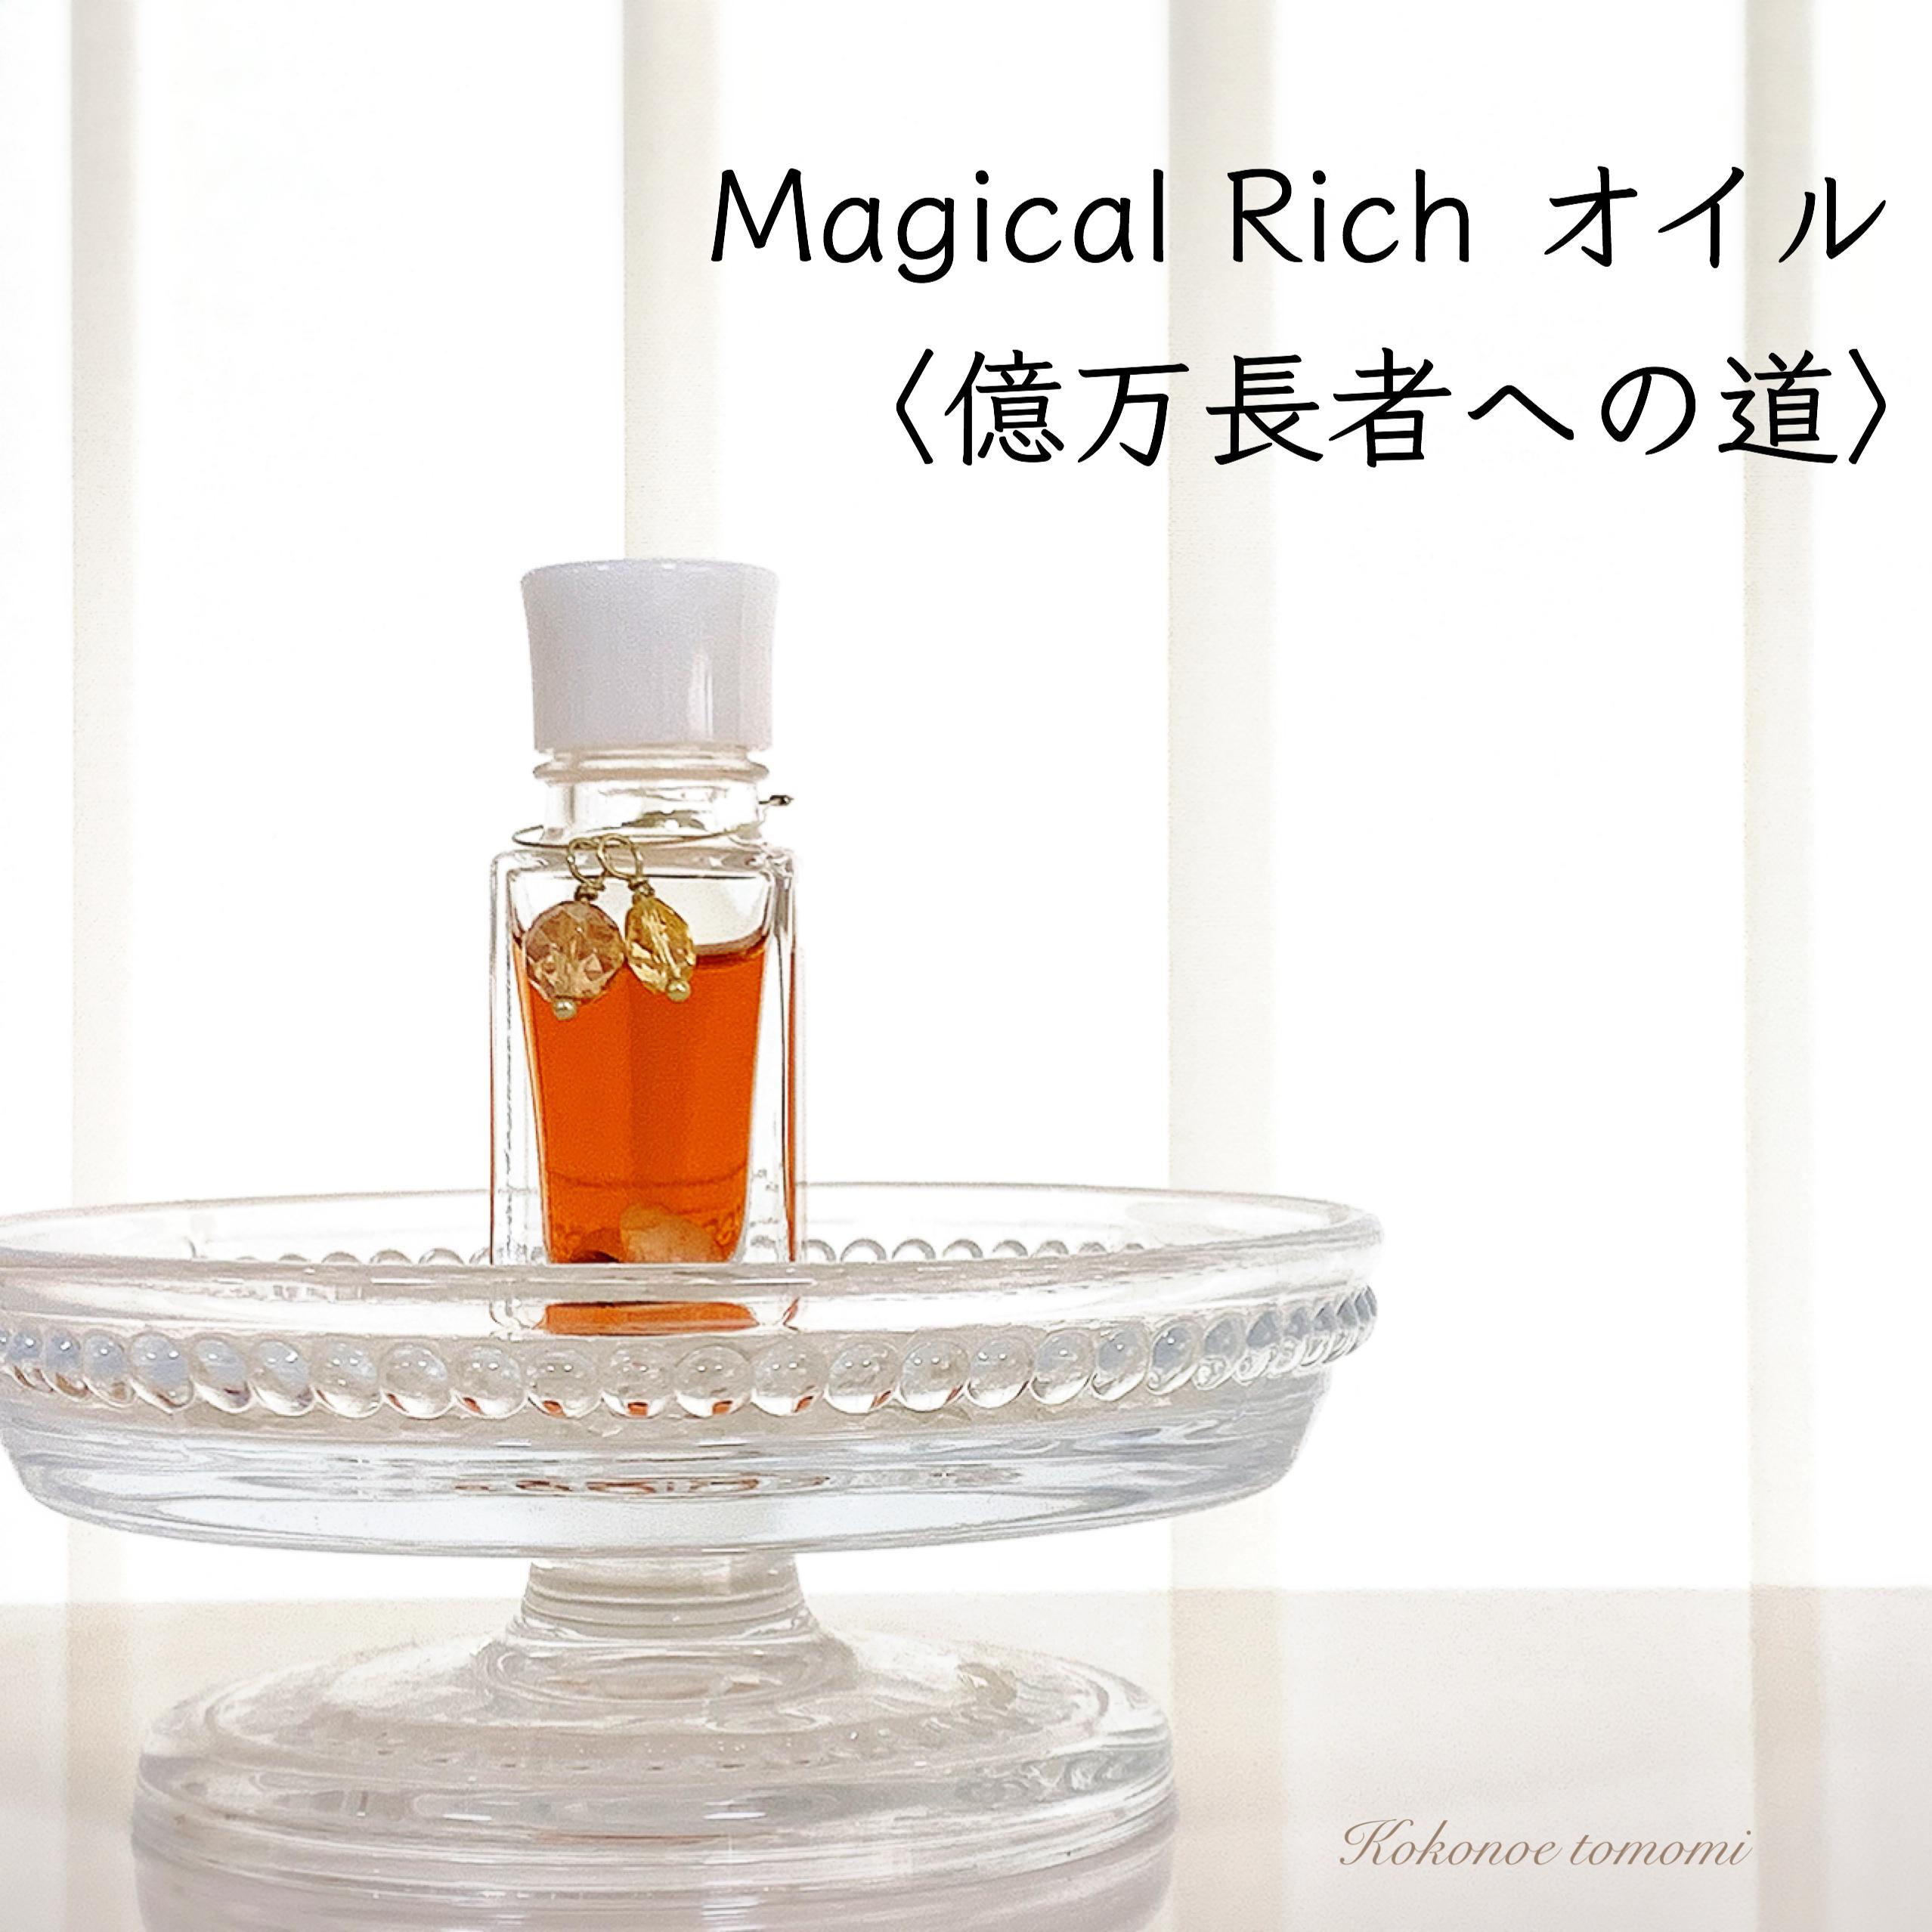 最強♡美オーラ・Magical Richオイル(億万長者への道)